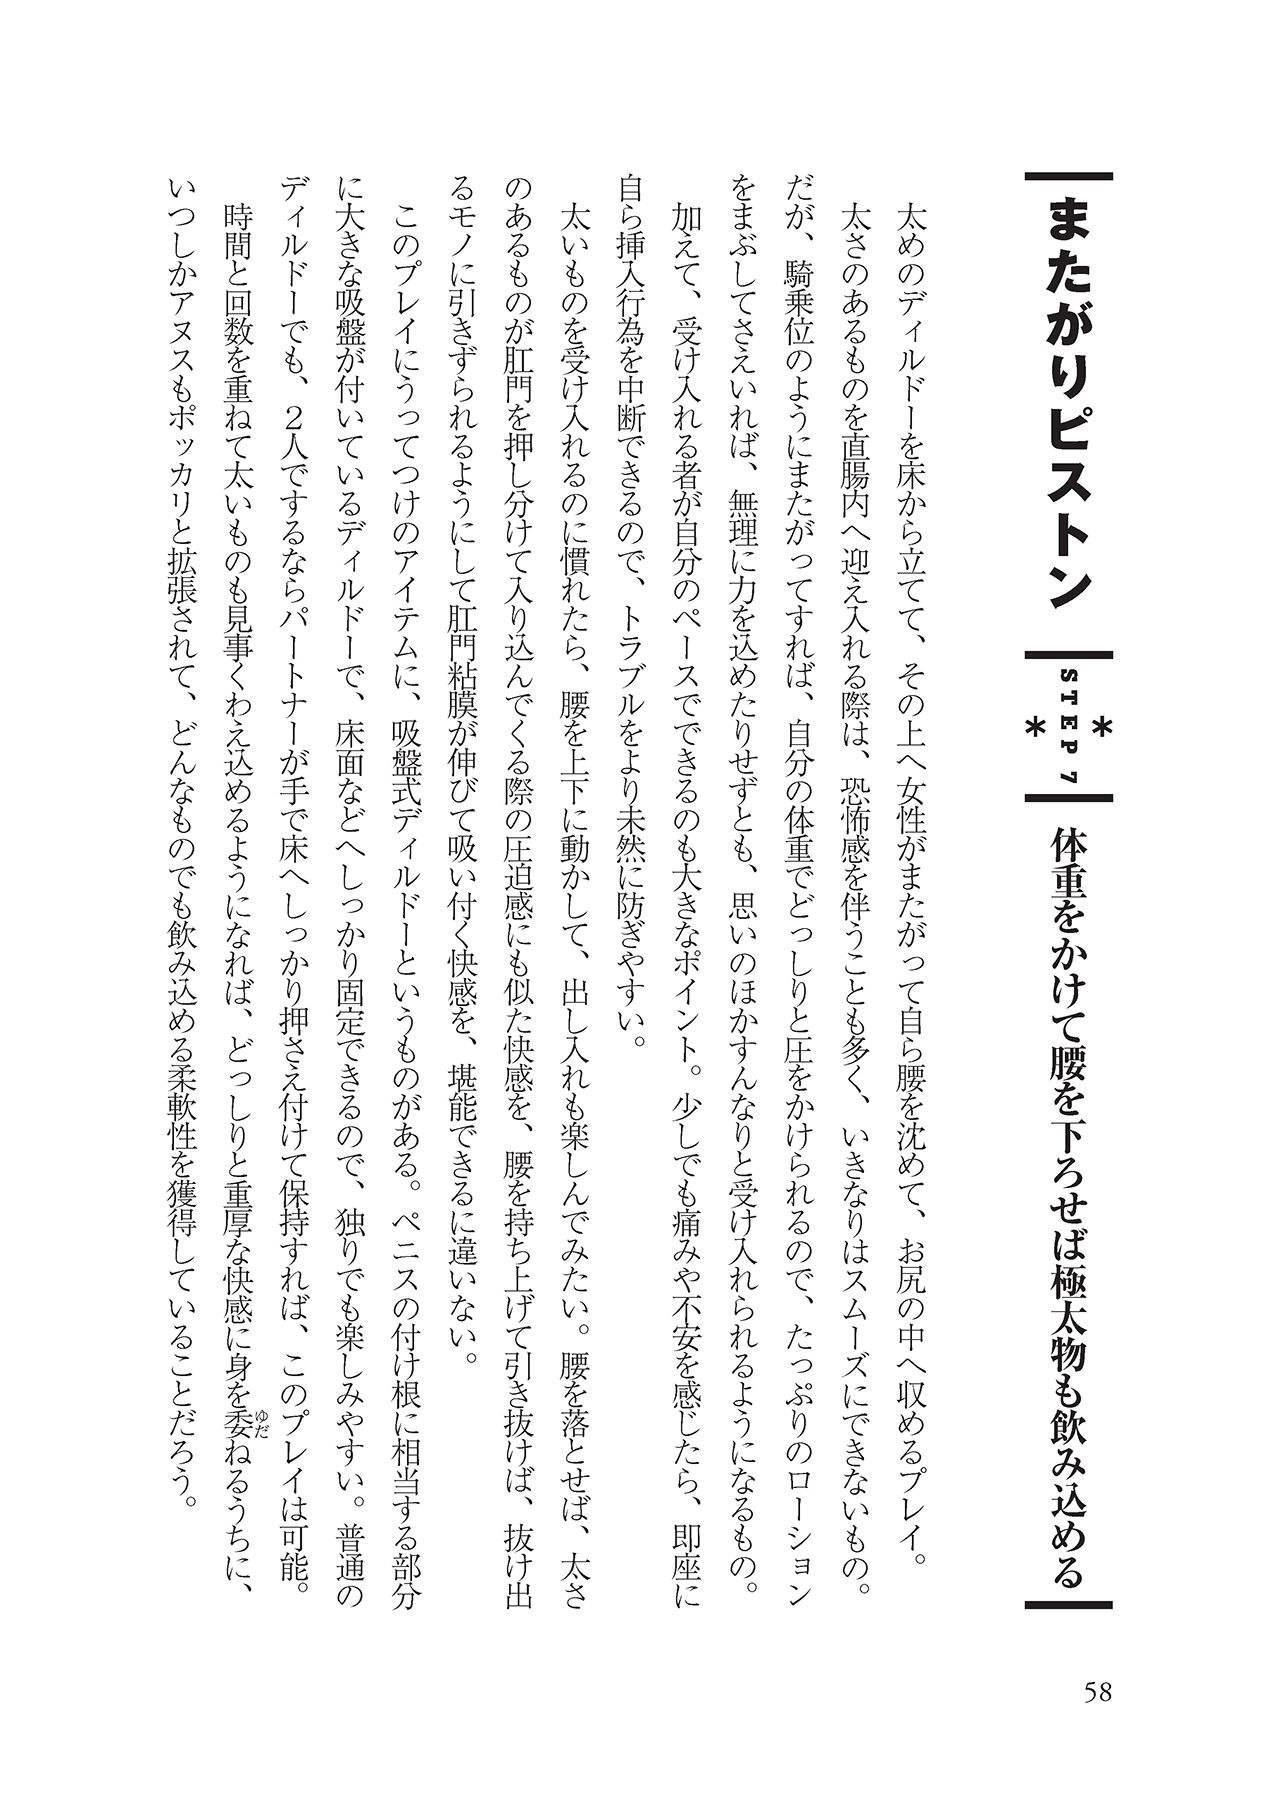 アナル性感開発・お尻エッチ 完全マニュアル 59